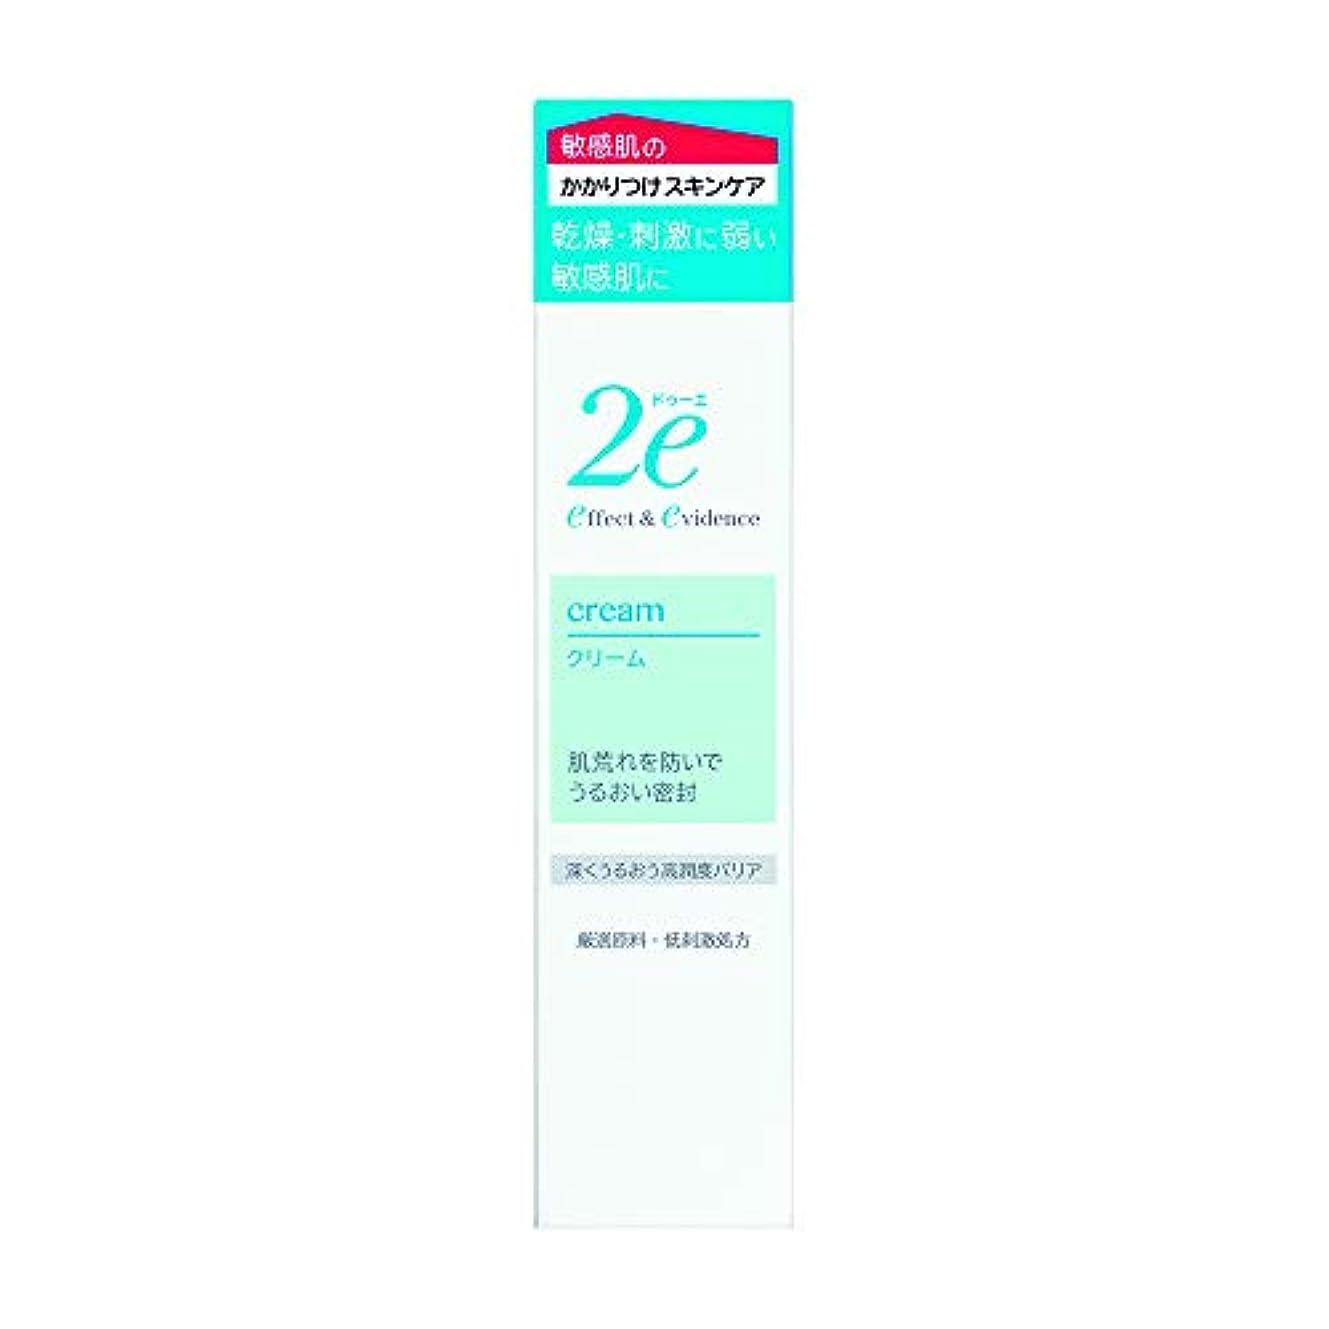 慰め気をつけて取り消す2e(ドゥーエ) クリーム 敏感肌用クリーム 低刺激処方 深くうるおう高潤度バリア 30g